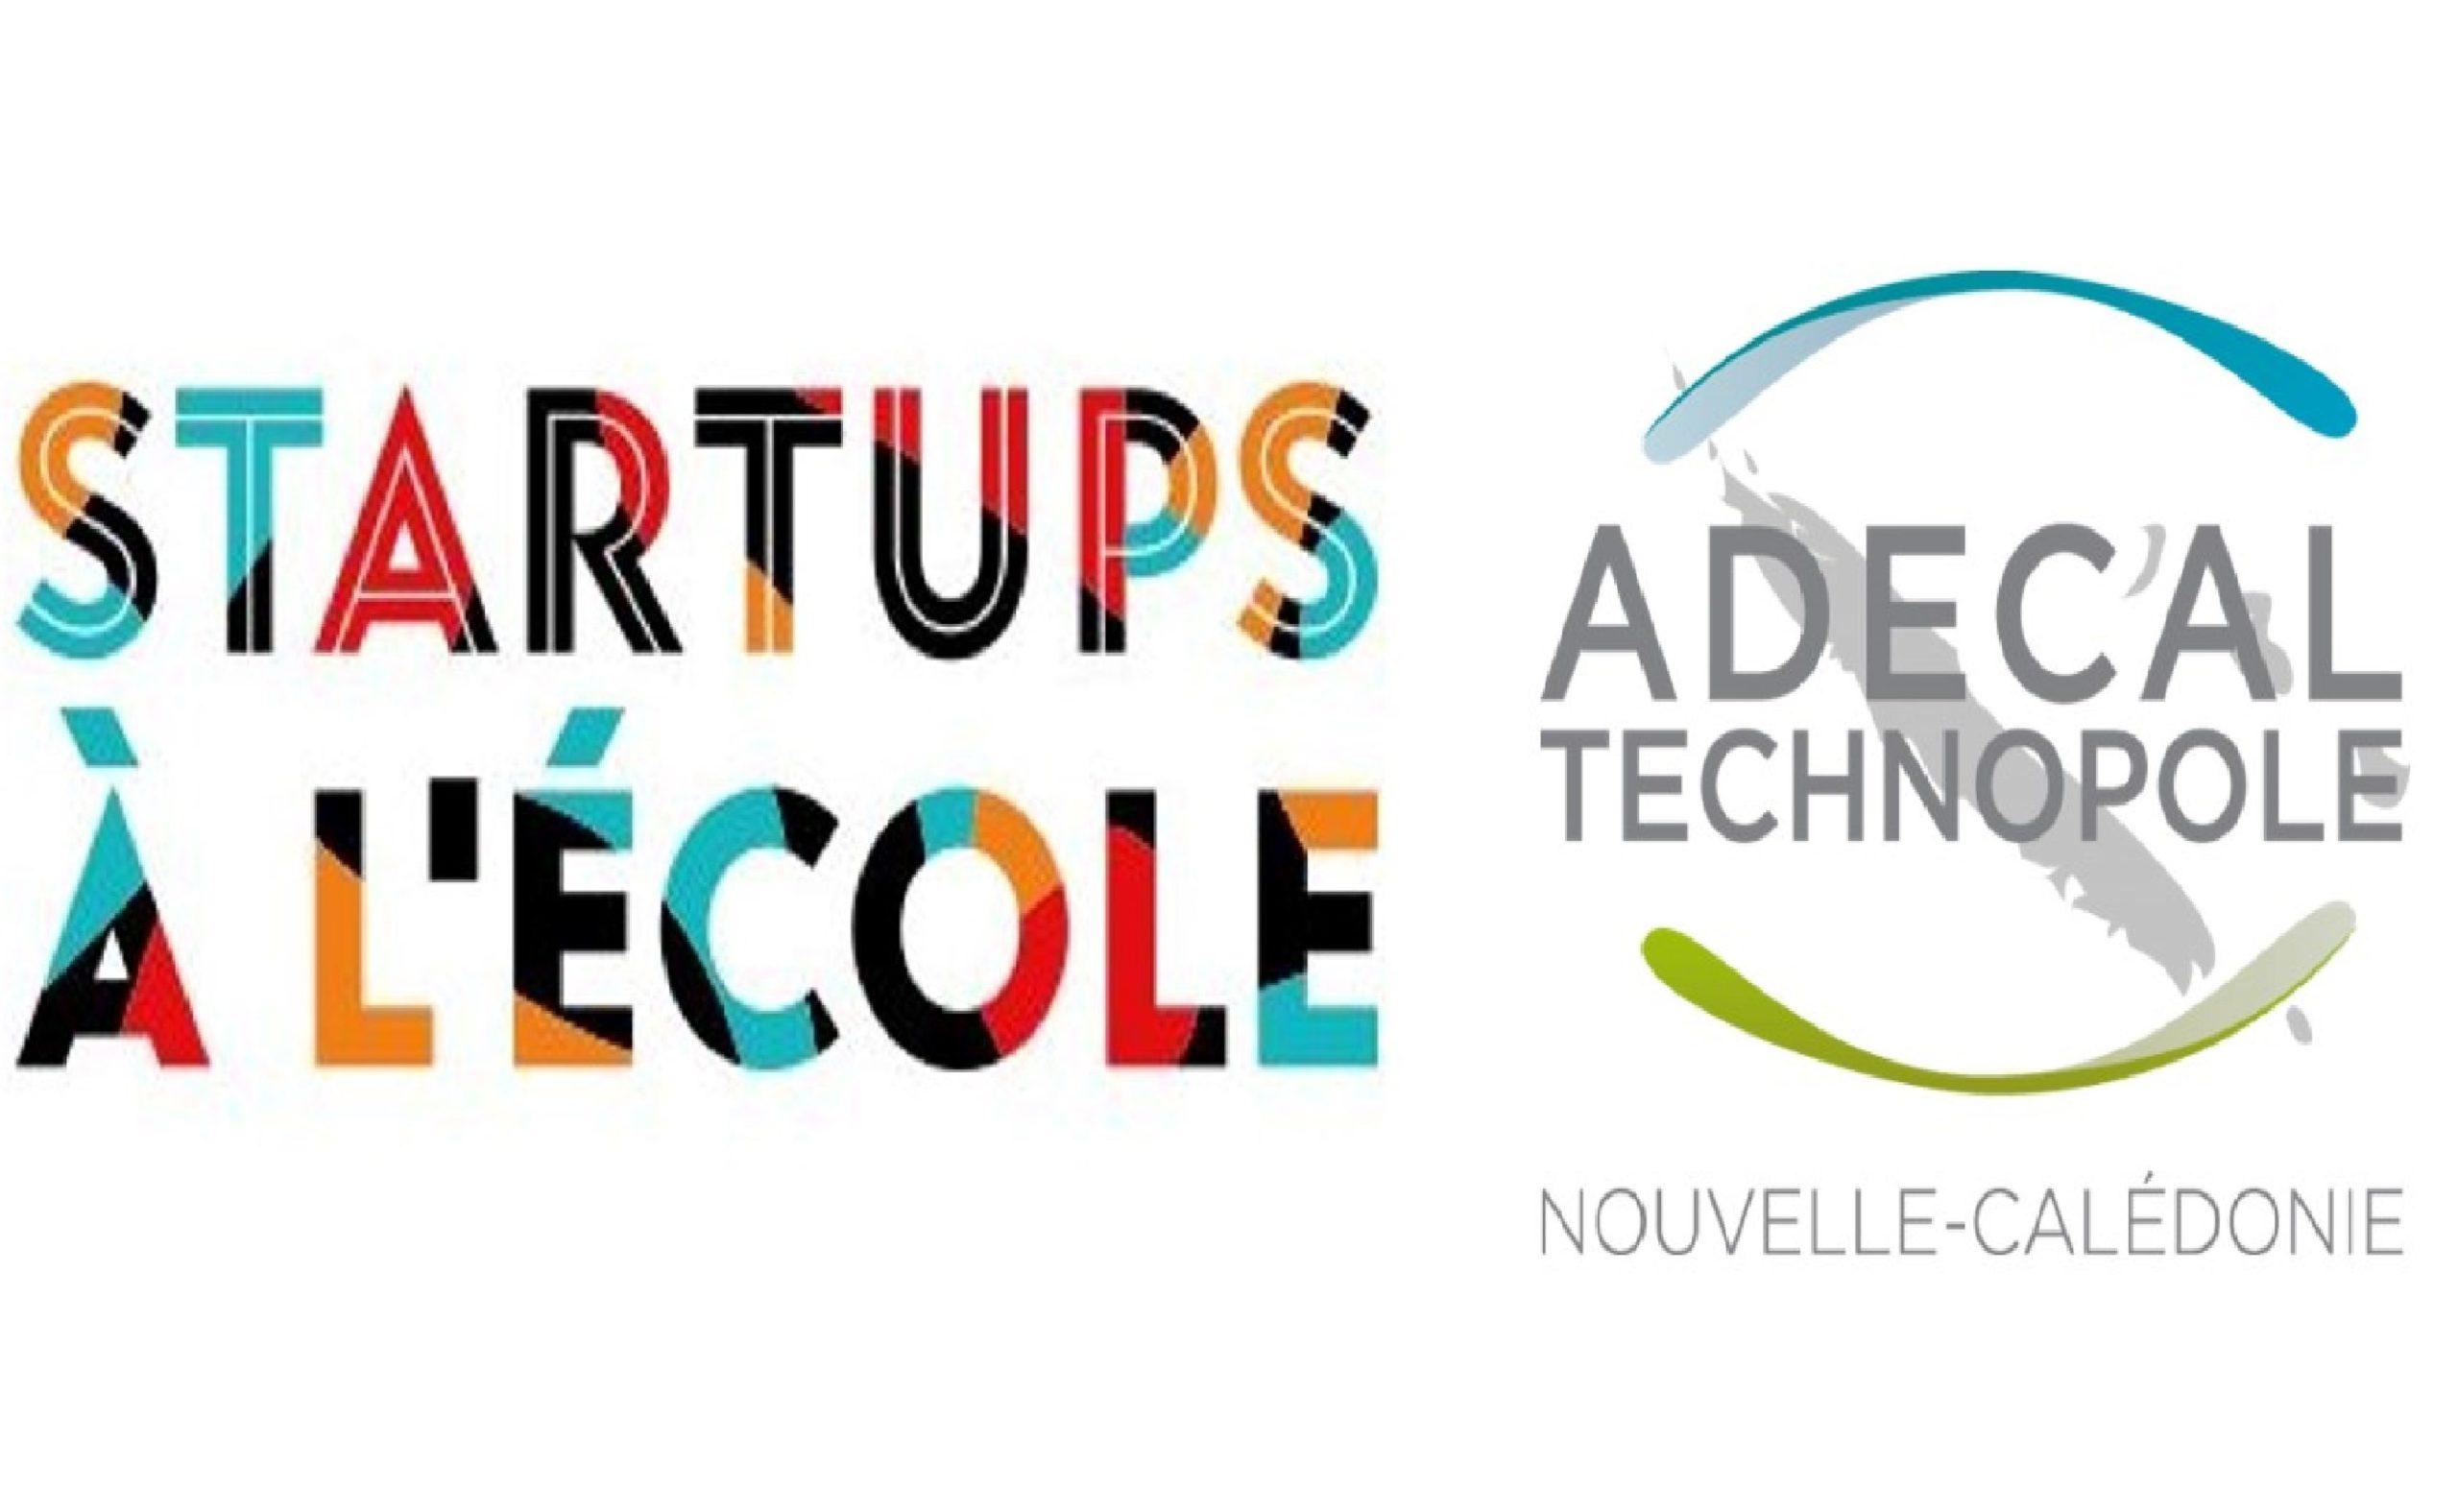 Les Startups à l'École chez ADECAL Technopole – Rétrospective